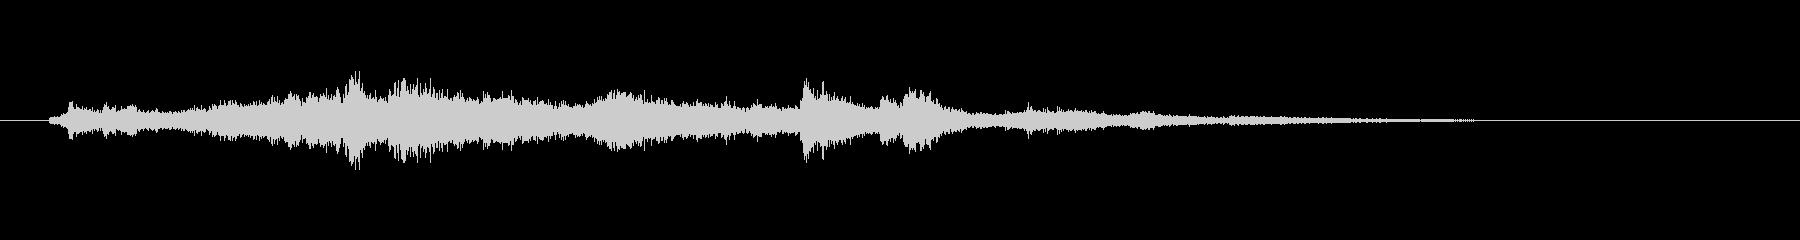 キラキラシャララな効果音の未再生の波形